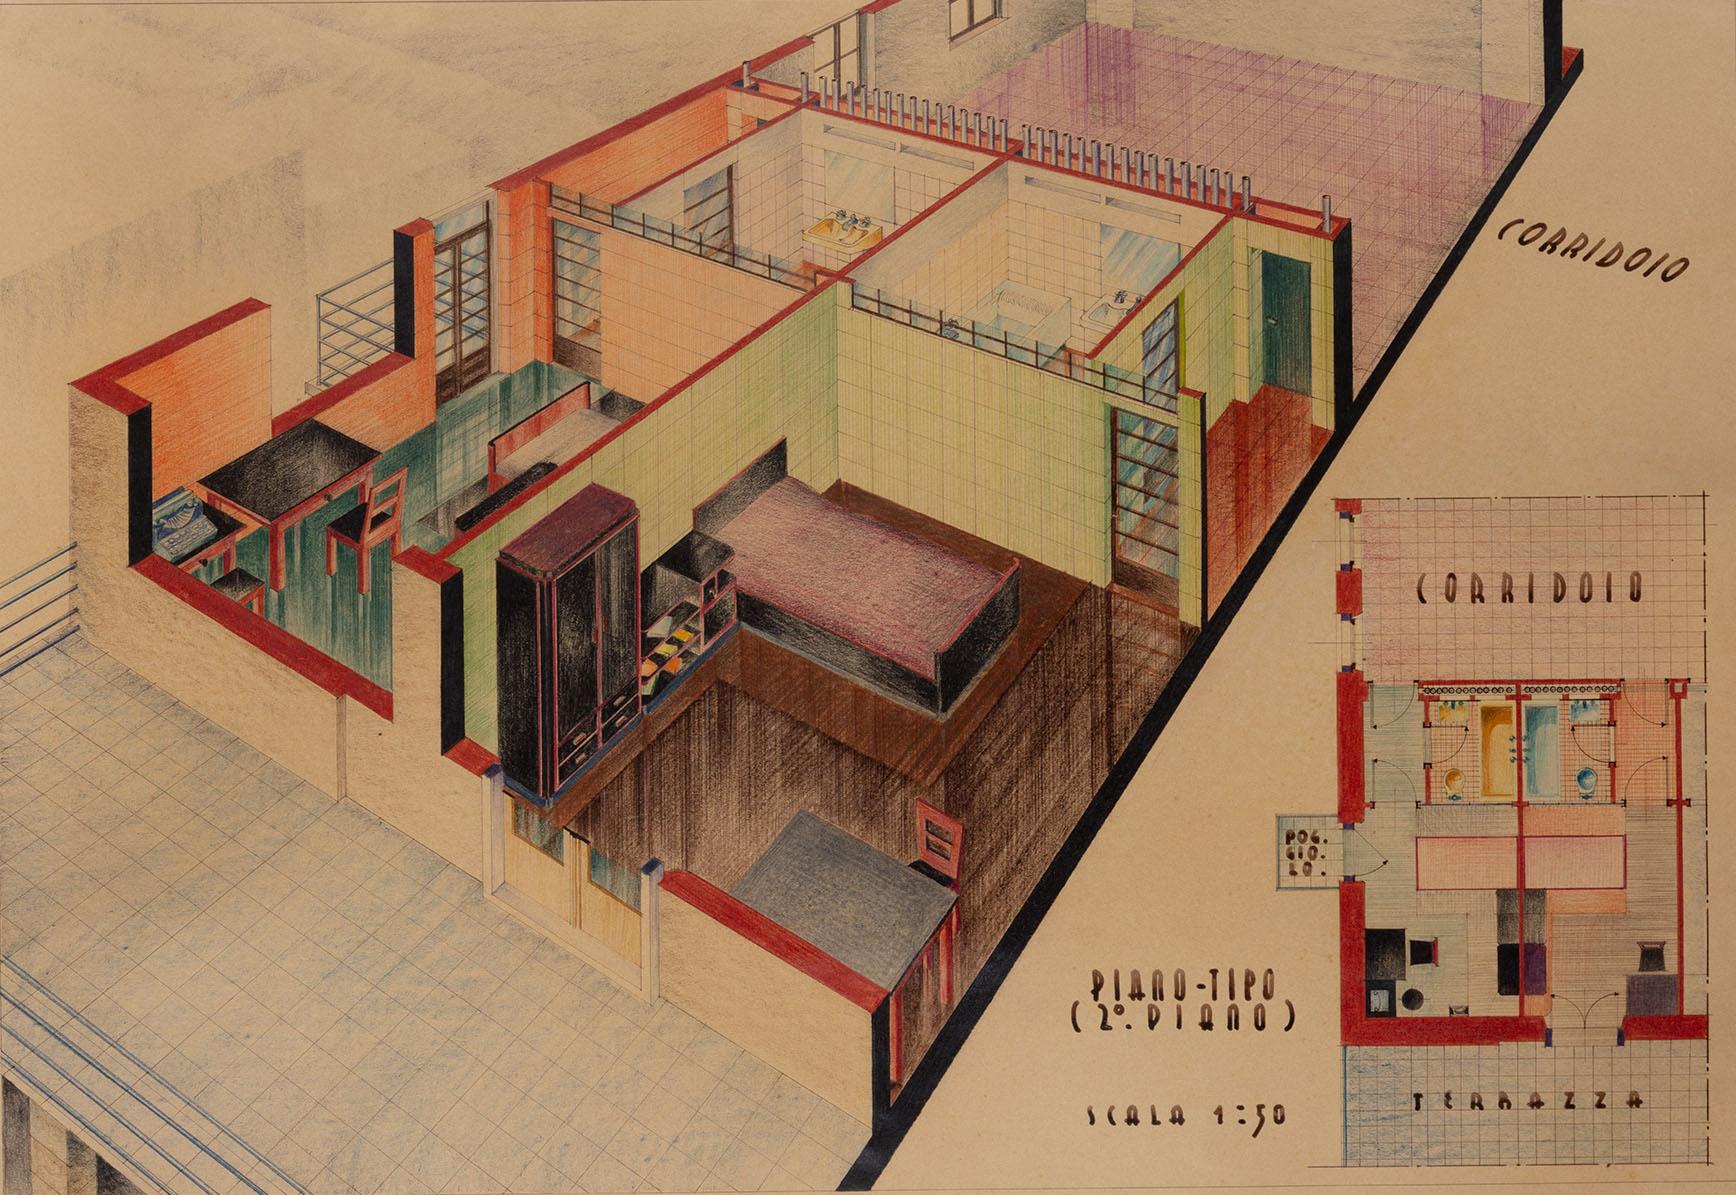 Progetto di Giovanni Lorenzi per un albergo a Trento, 1935-1936